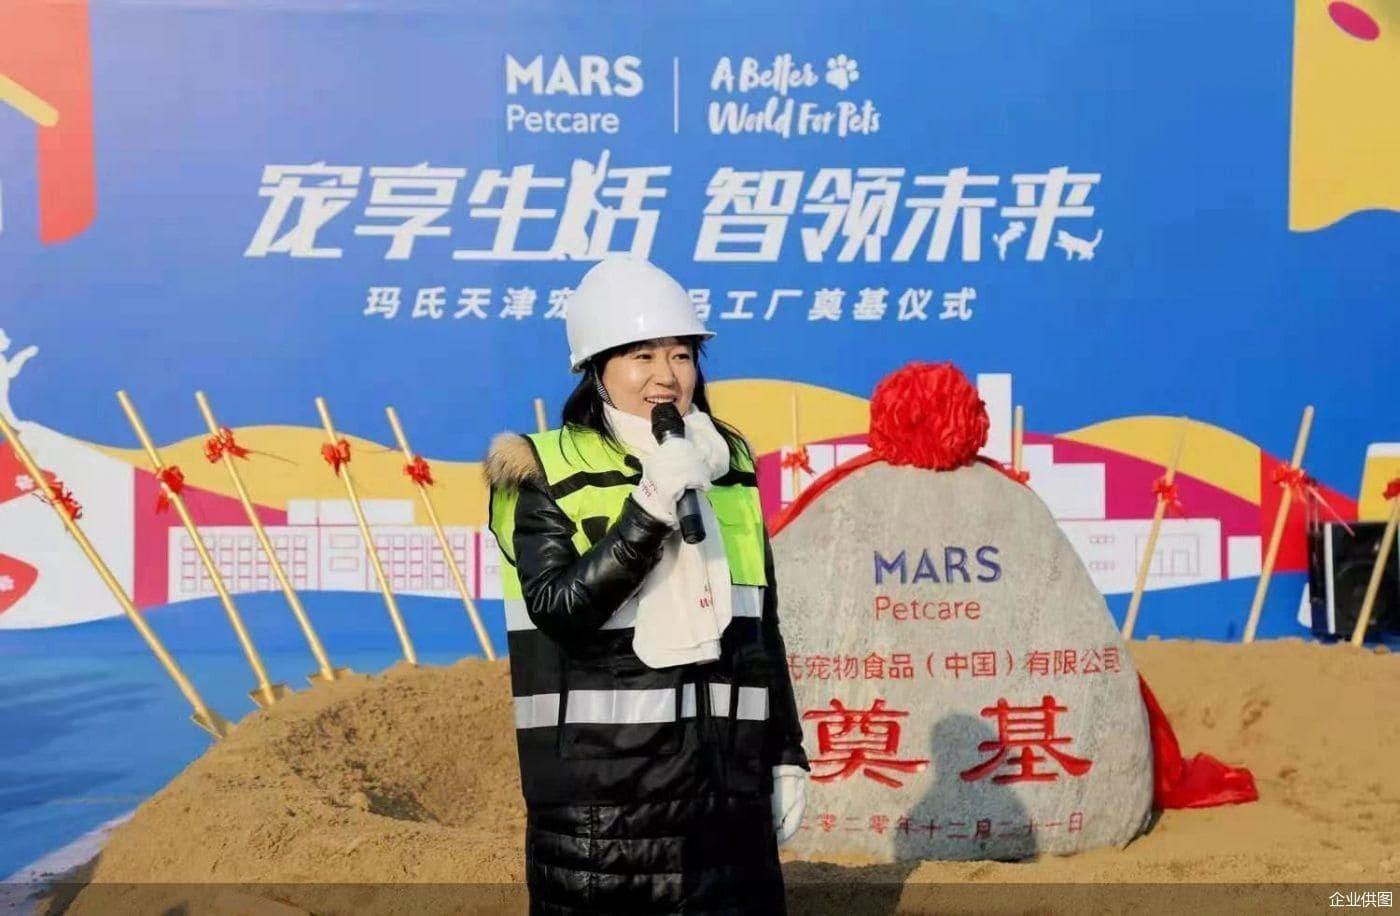 玛氏天津宠物食品工厂动工仪式启动